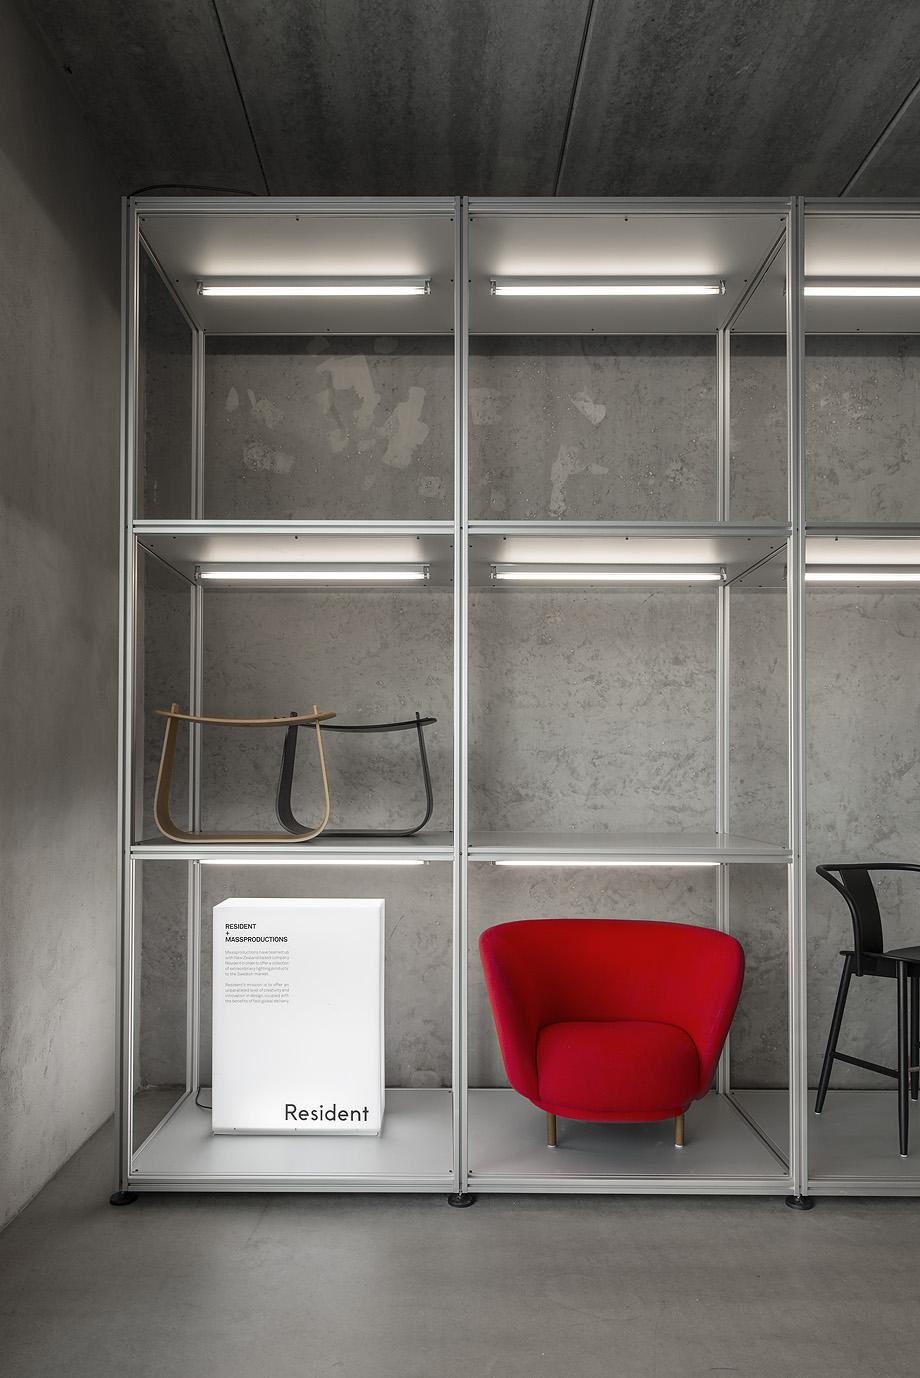 resident y massproductions comparten showroom y oficinas en estocolmo (8)